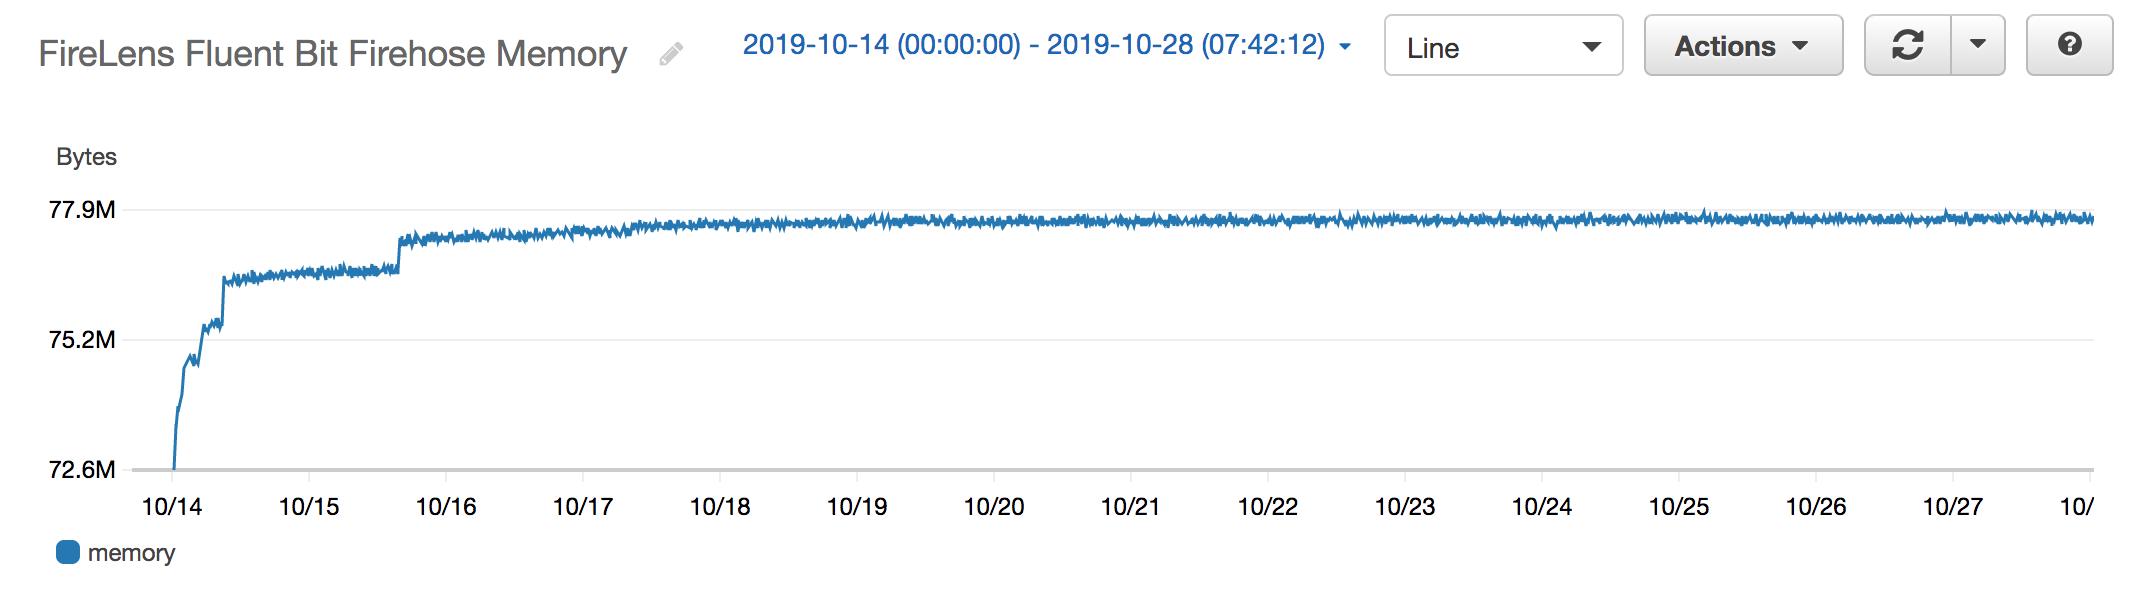 長期間にわたる Fluent Bit のメモリ使用量のグラフで、長期的に安定して一定であることがわかります。